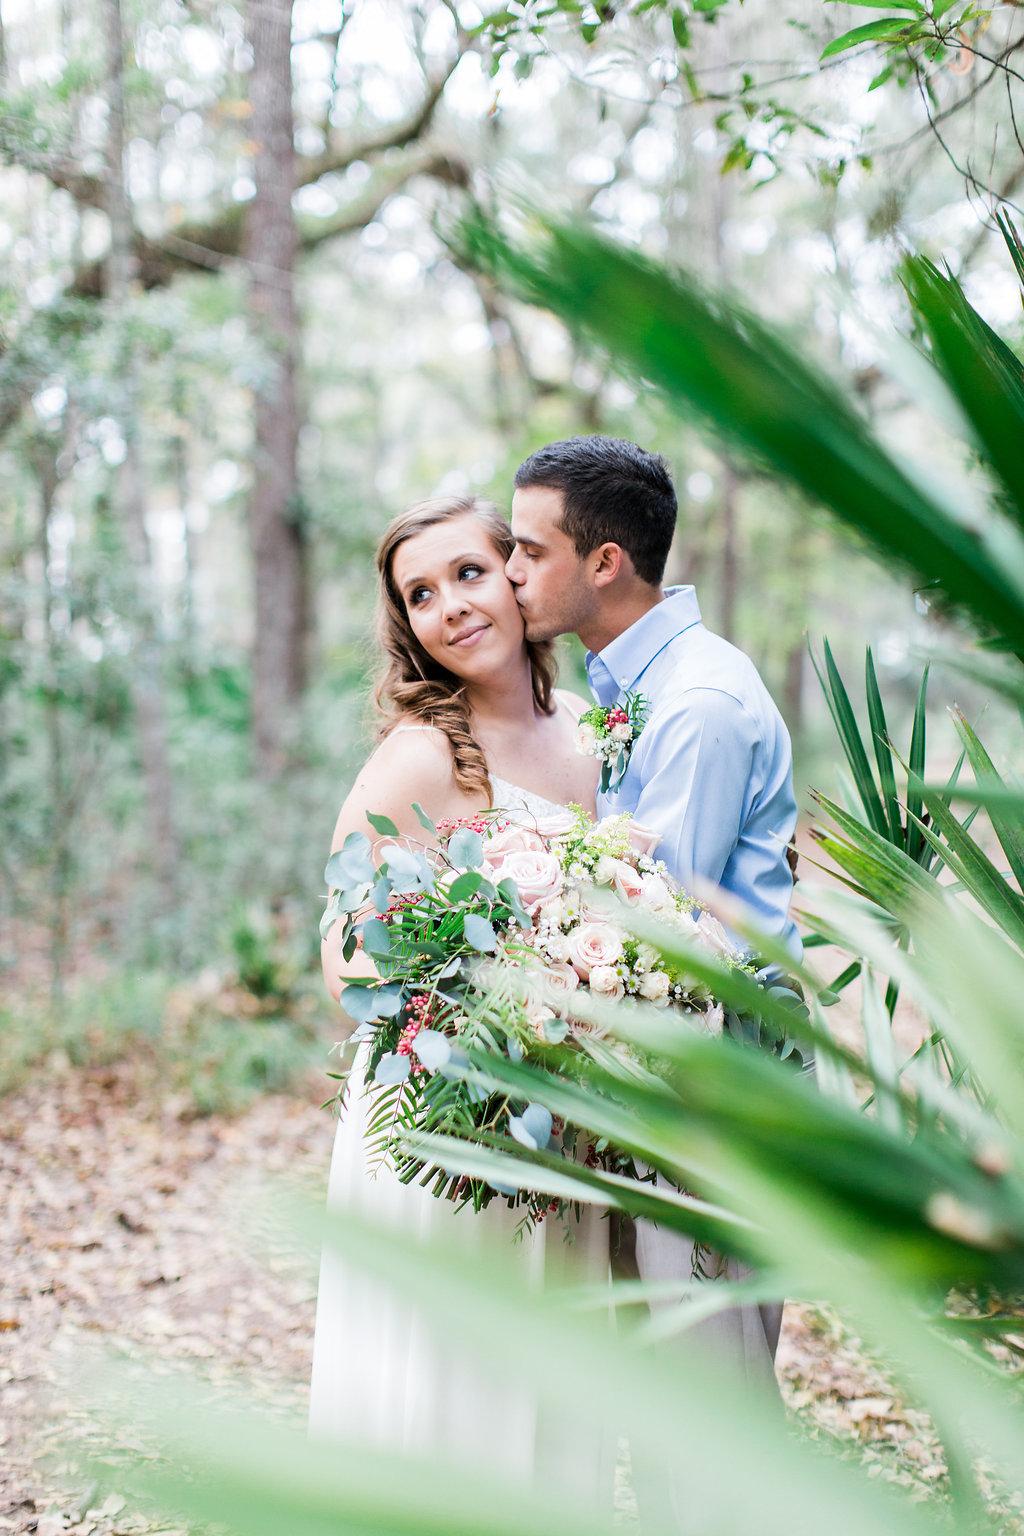 Savannah_Wedding_Photography_AptBPhotography_Elopements455.JPG